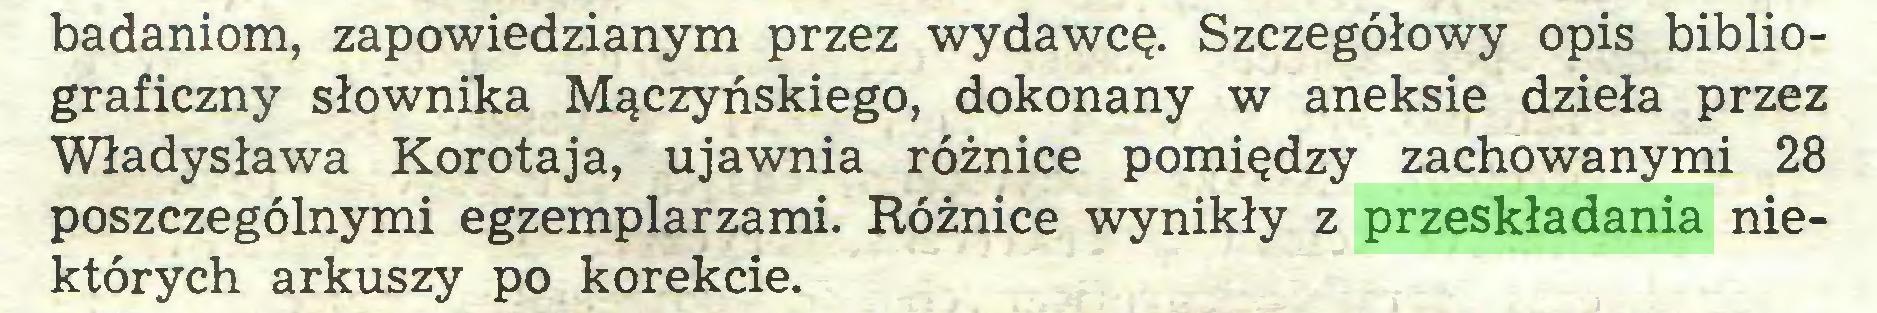 (...) badaniom, zapowiedzianym przez wydawcę. Szczegółowy opis bibliograficzny słownika Mączyńskiego, dokonany w aneksie dzieła przez Władysława Korotaja, ujawnia różnice pomiędzy zachowanymi 28 poszczególnymi egzemplarzami. Różnice wynikły z przeskładania niektórych arkuszy po korekcie...